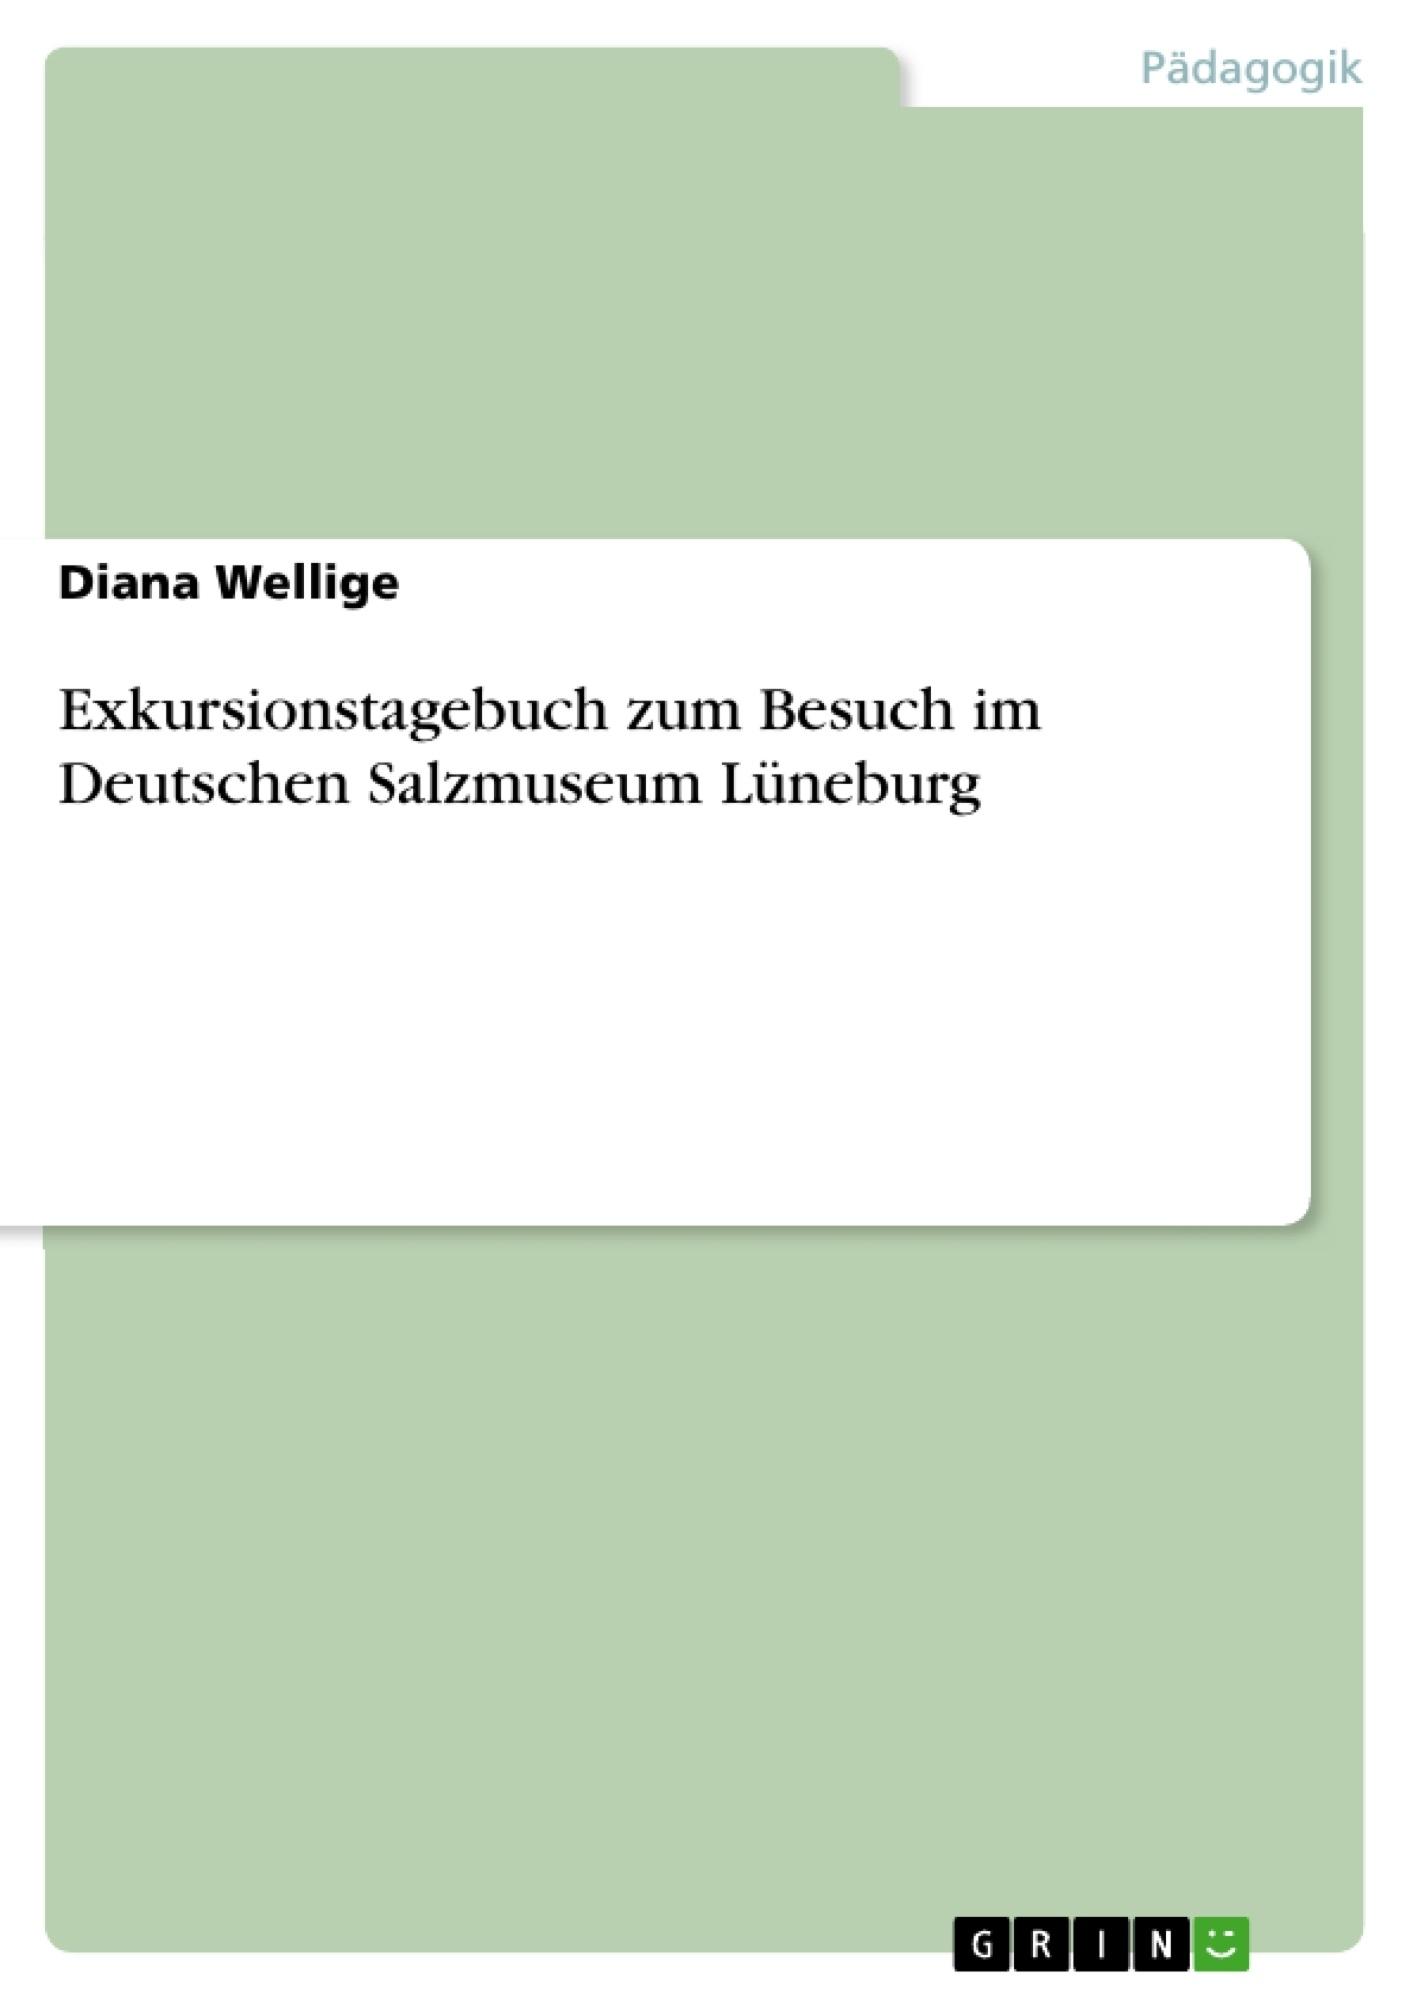 Titel: Exkursionstagebuch zum Besuch im Deutschen Salzmuseum Lüneburg